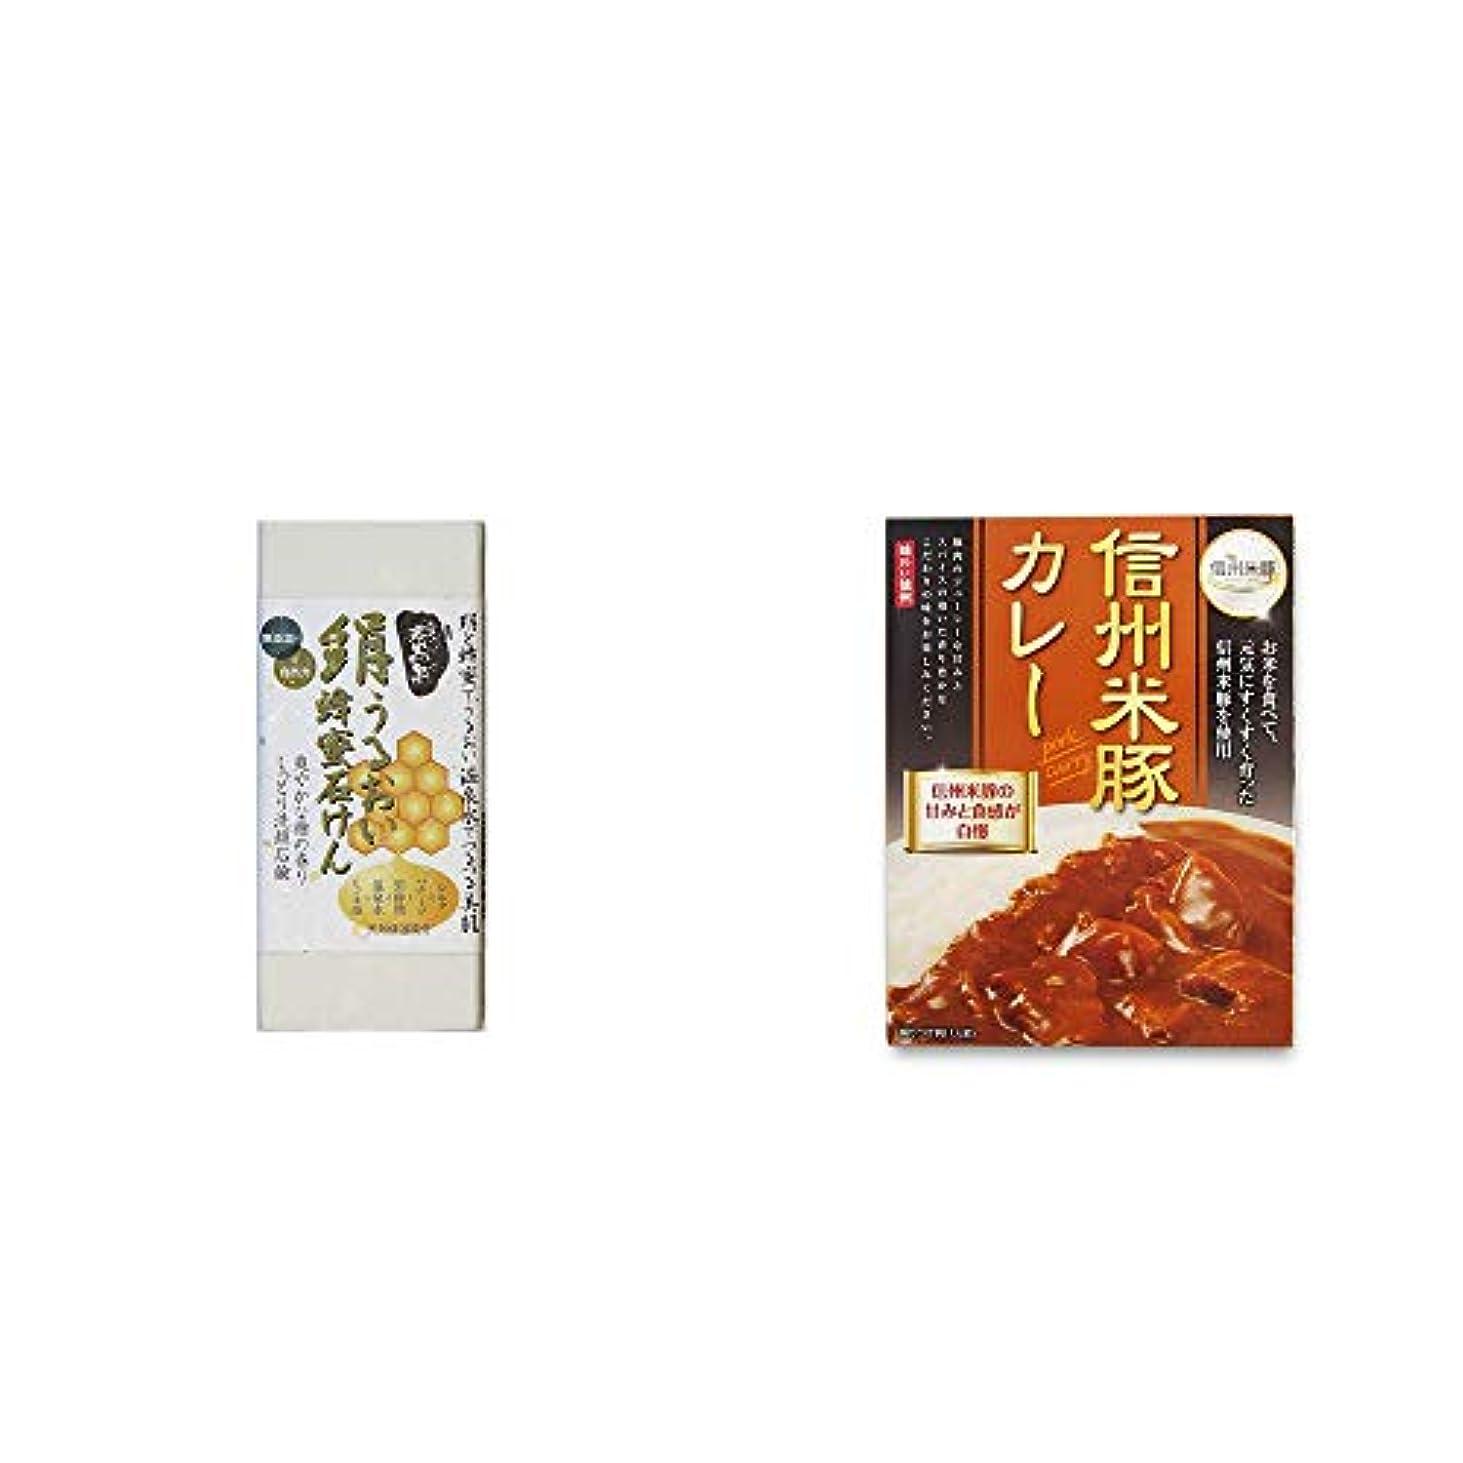 医薬保持する日常的に[2点セット] ひのき炭黒泉 絹うるおい蜂蜜石けん(75g×2)?信州米豚カレー(1食分)